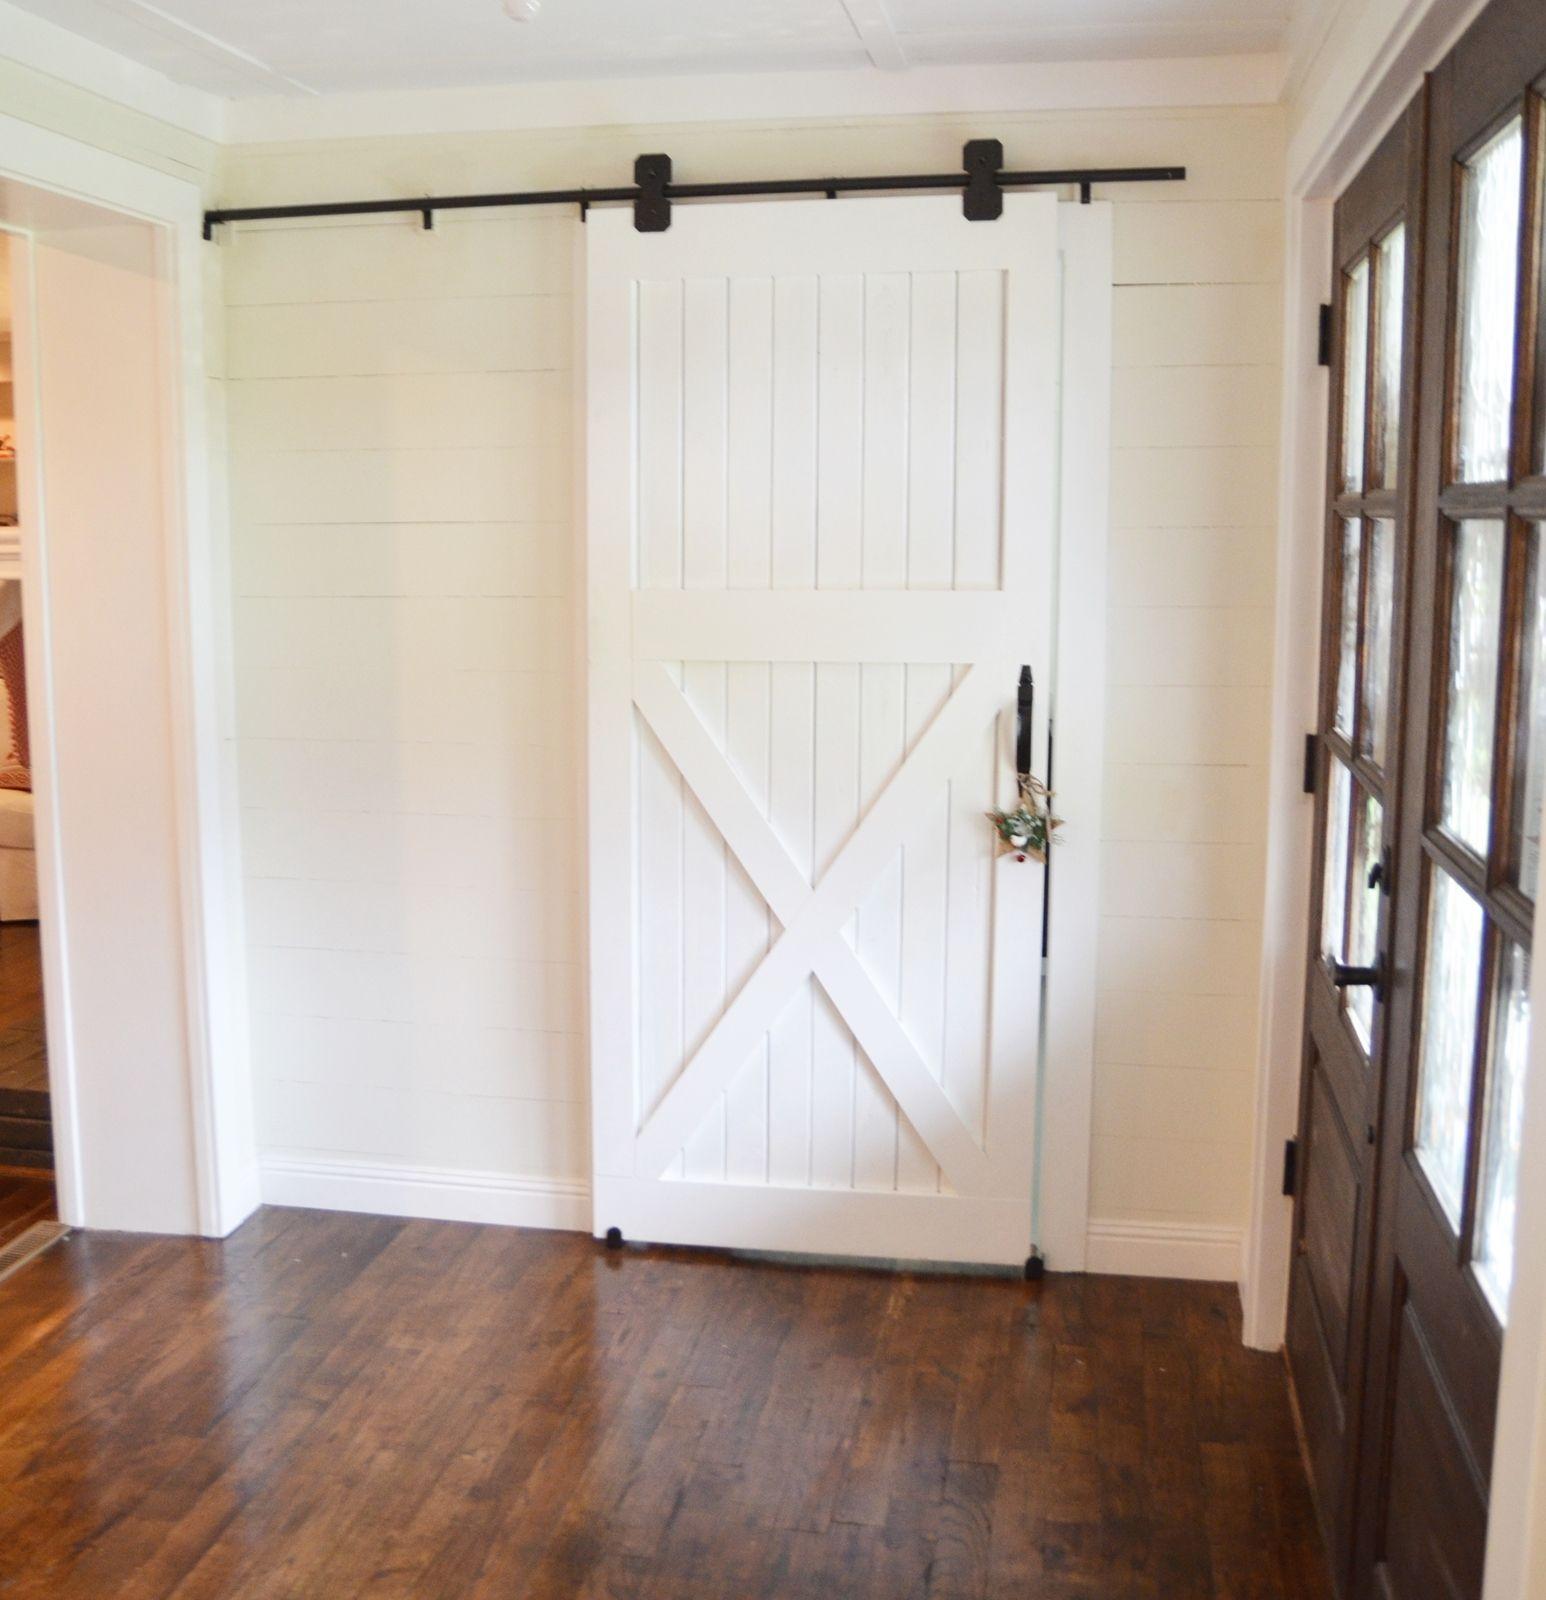 Exceptional DIY Barn Door Designs And Tutorials